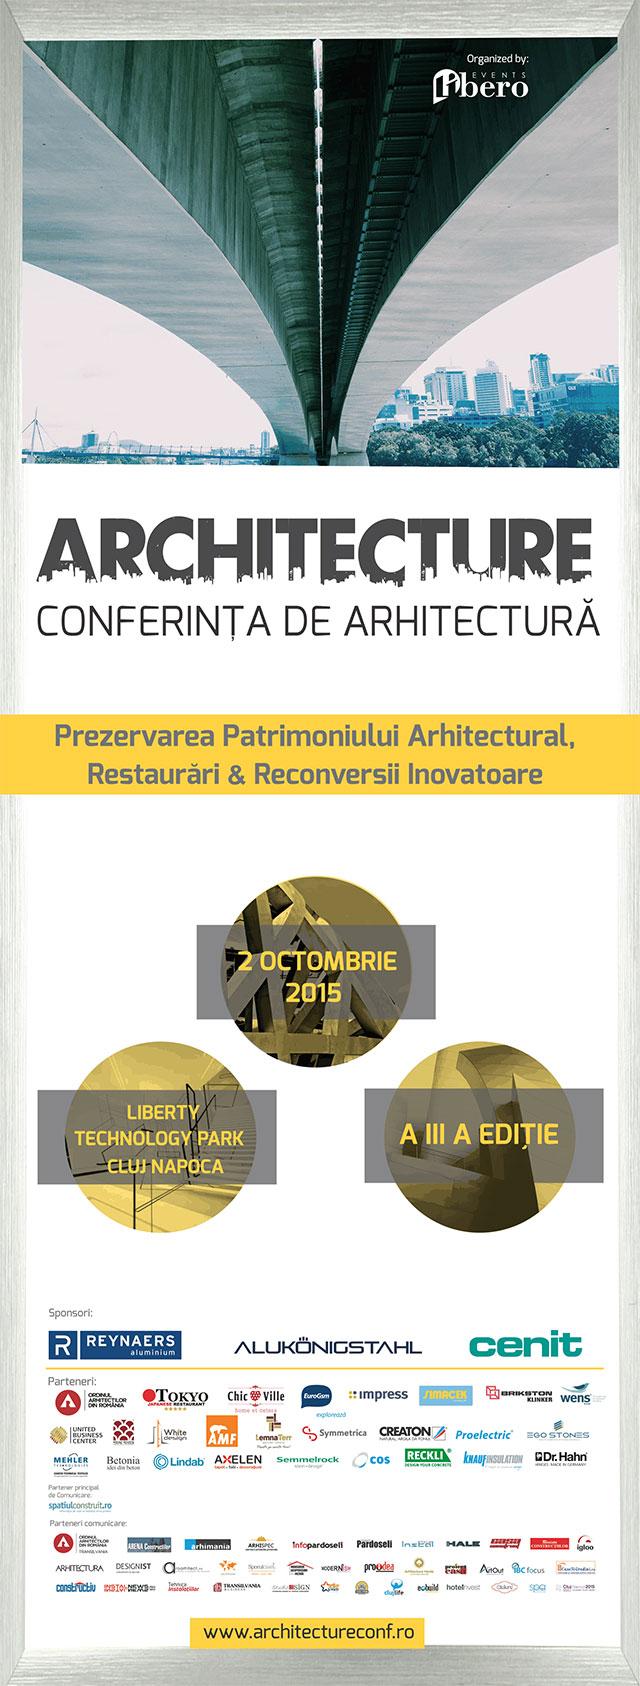 Architecture-Afis-parteneri-3